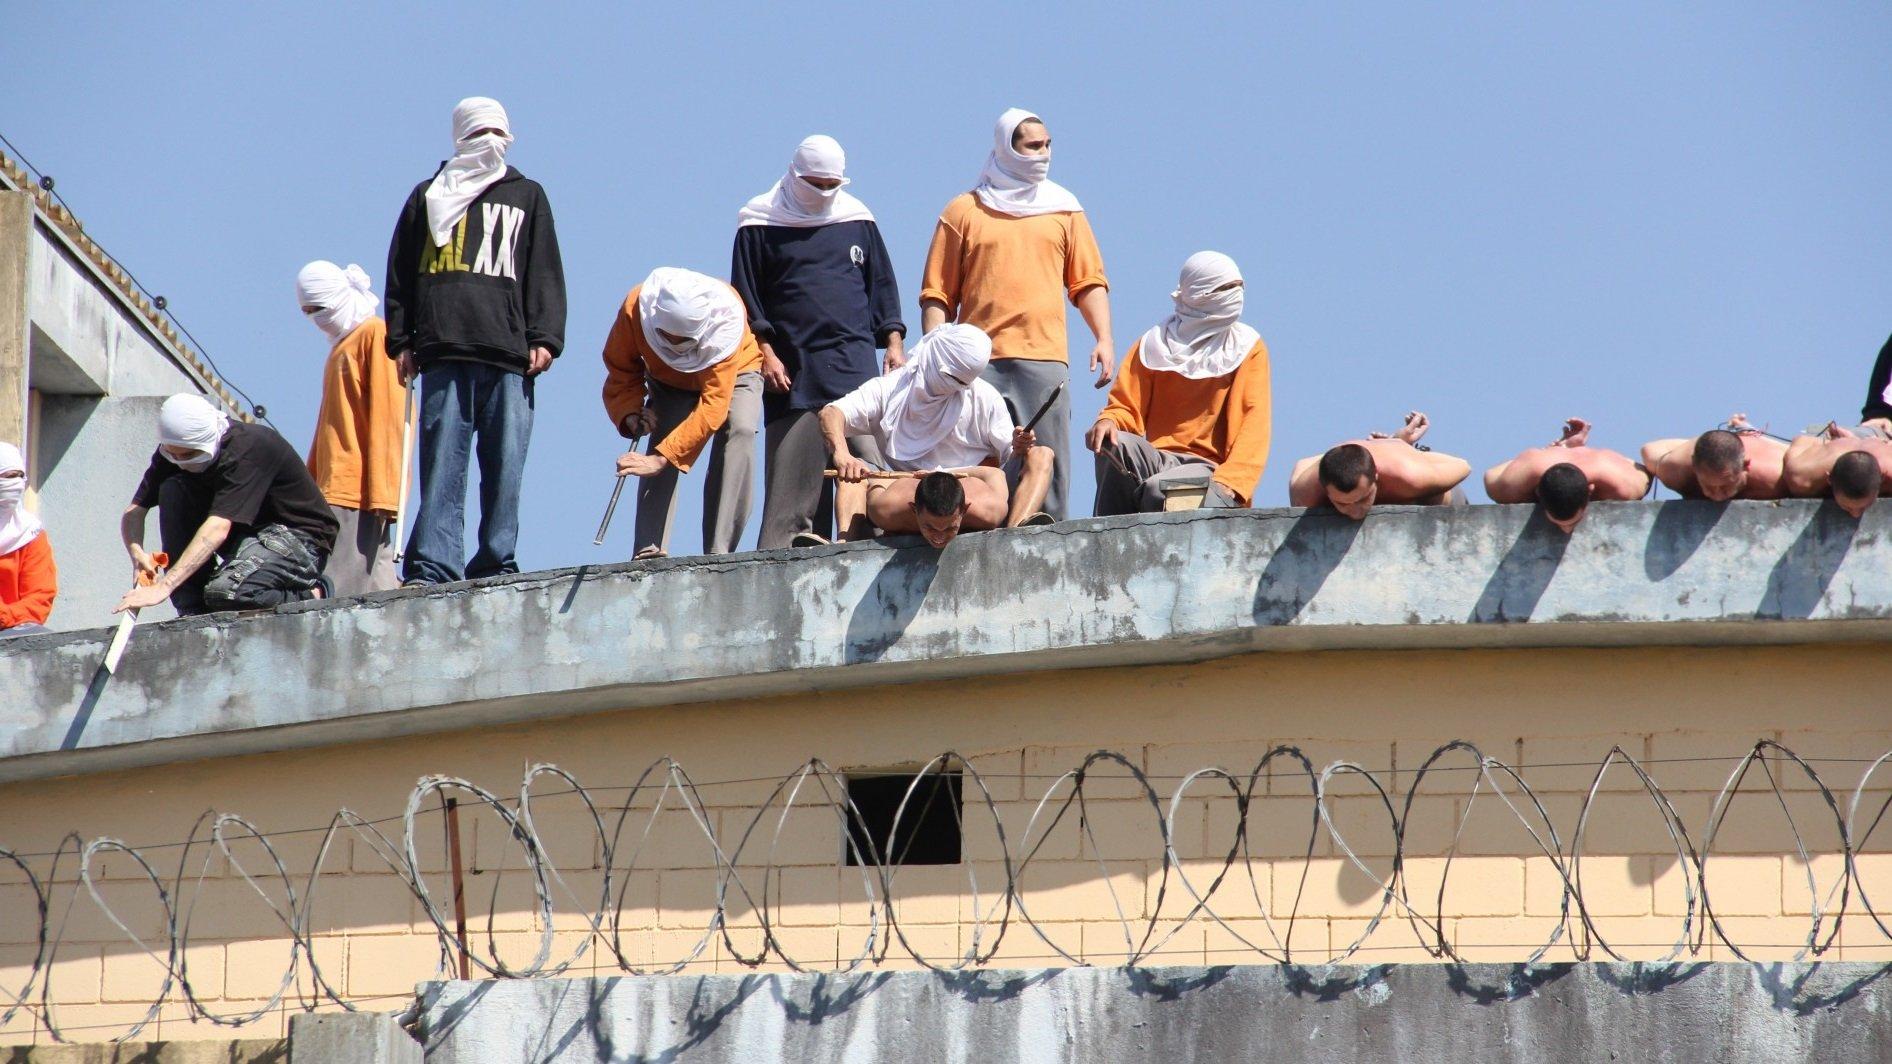 STF e sua responsabilidade pela provável revolta das cadeias